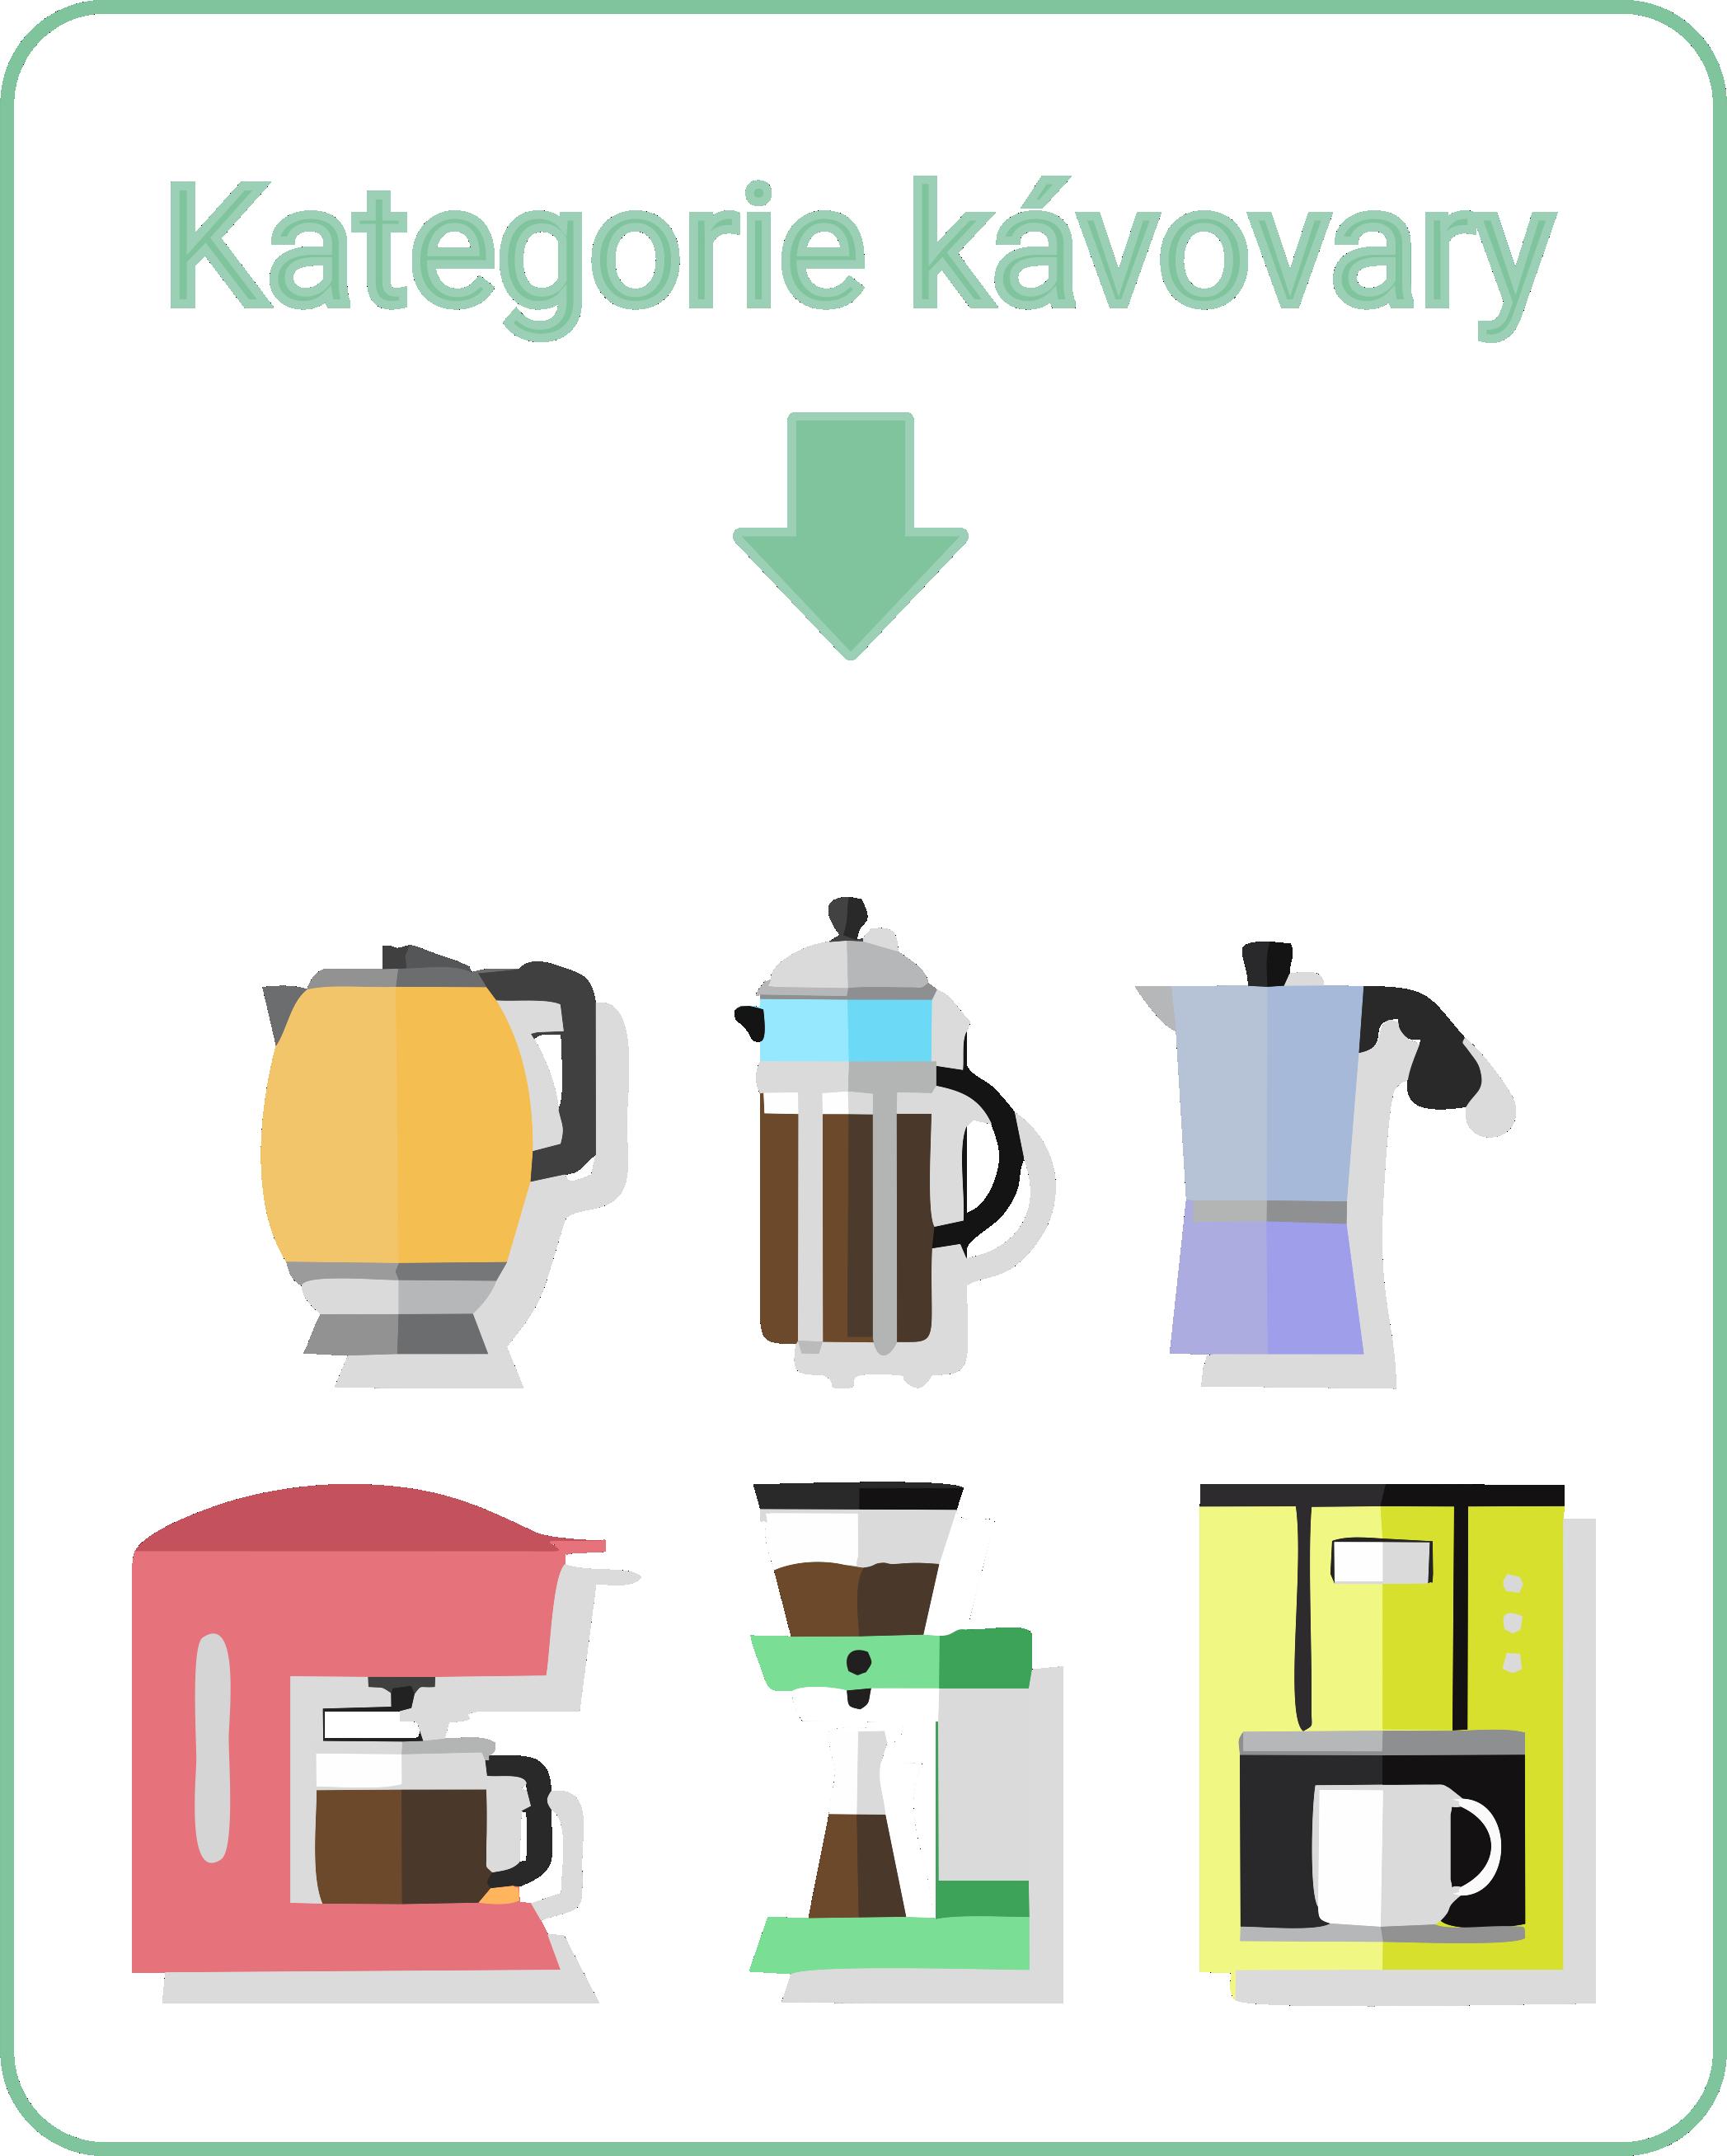 Kategorie kávovary